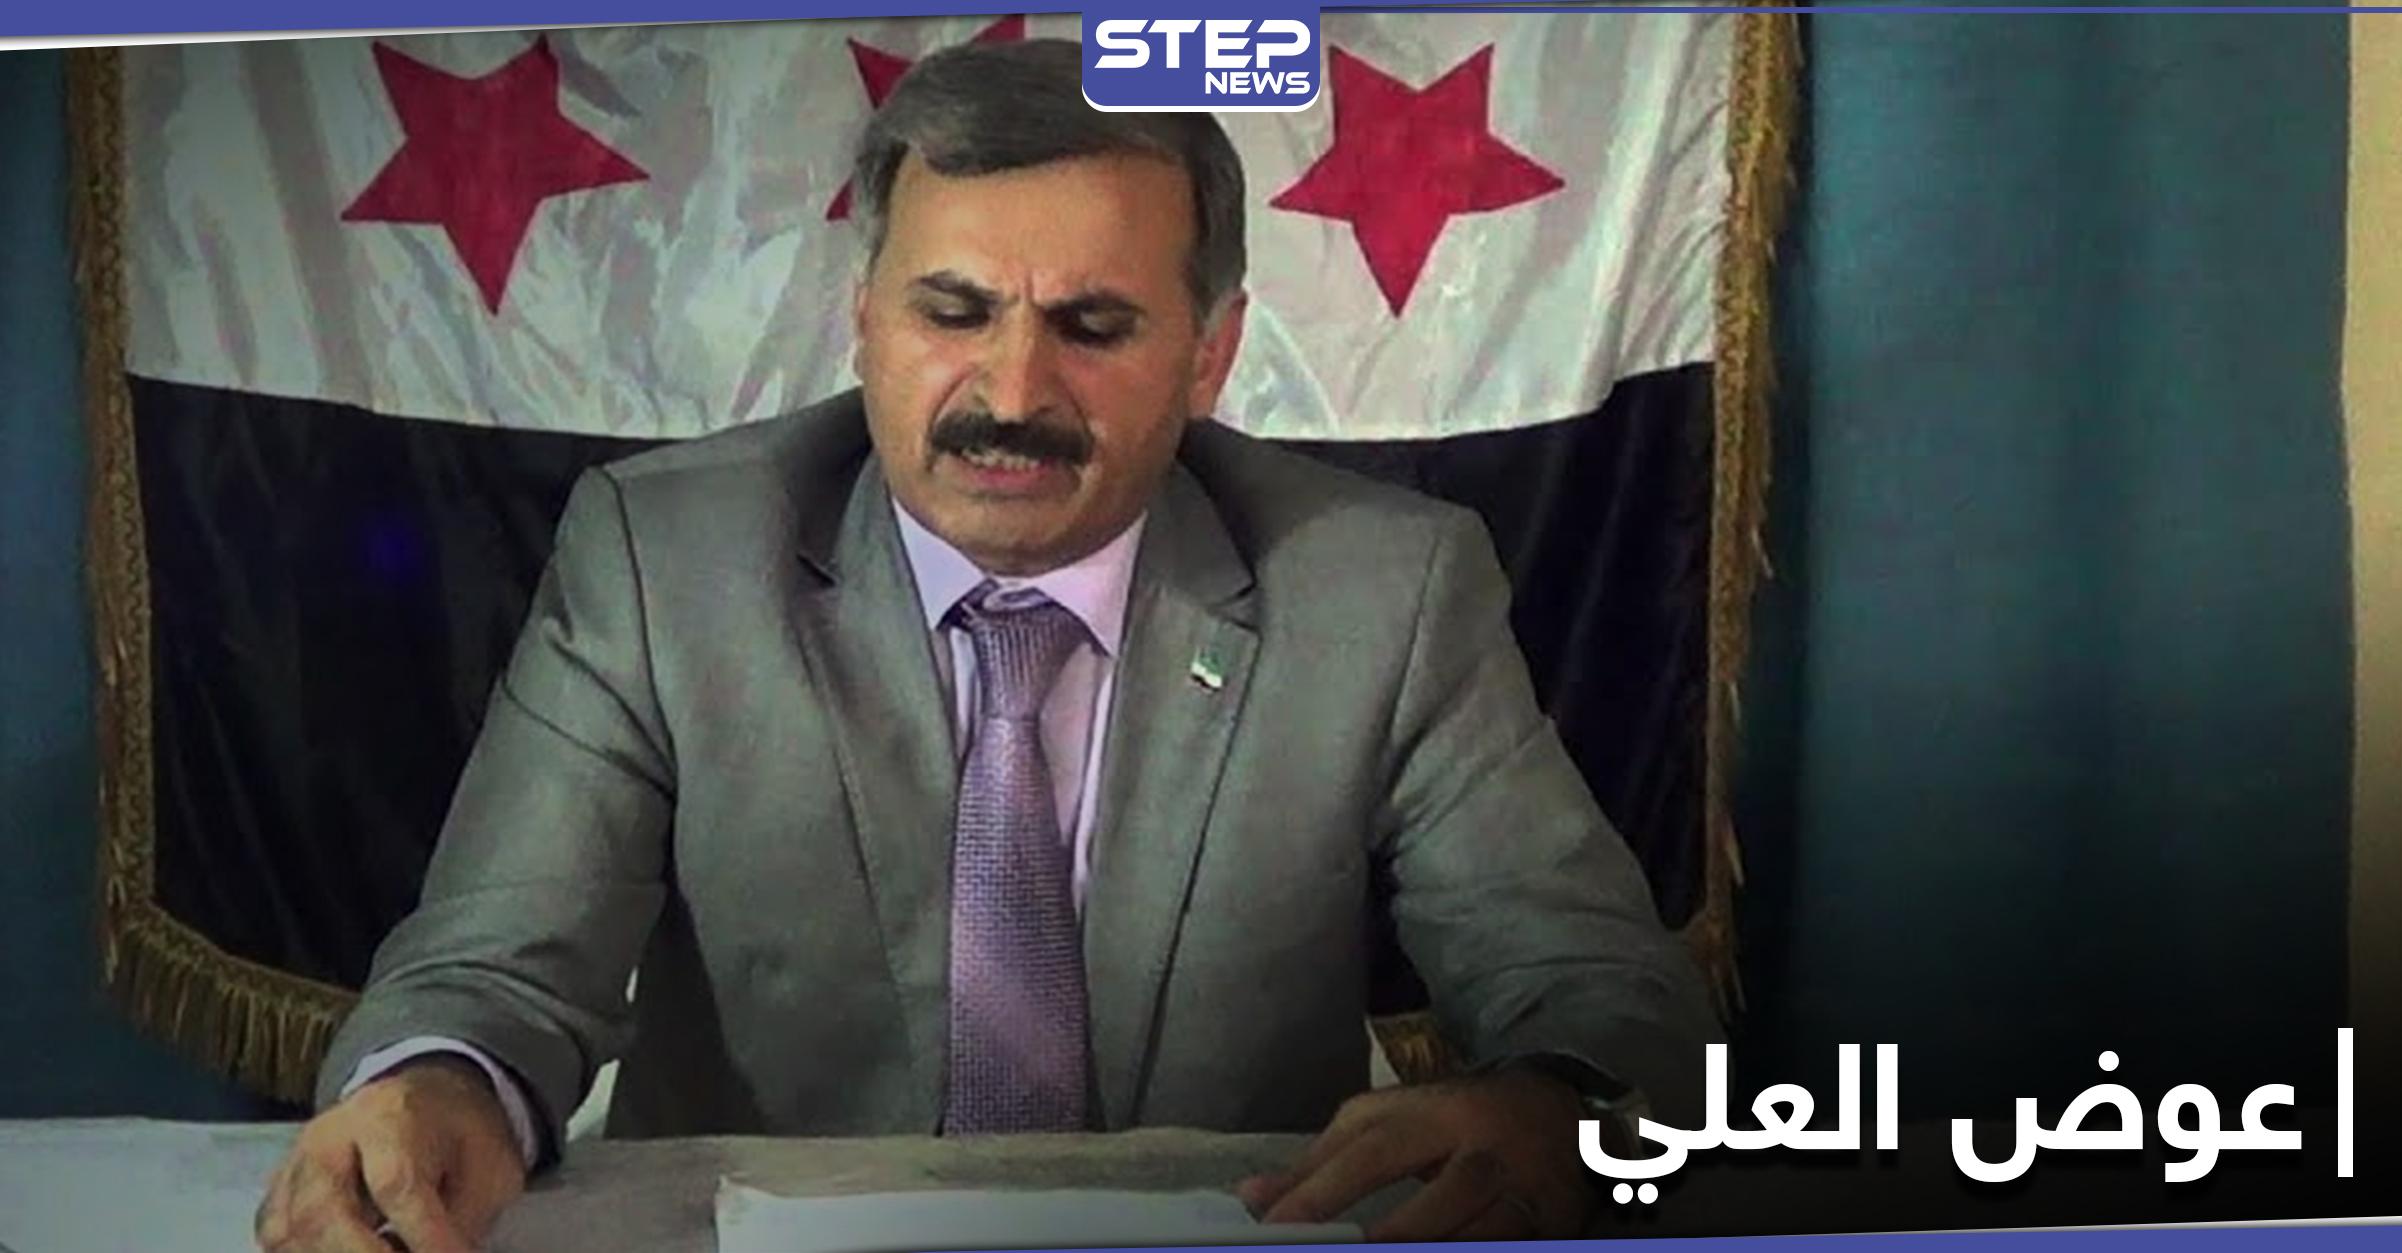 العميد عوض العلي - عضو اللجنة الدستورية